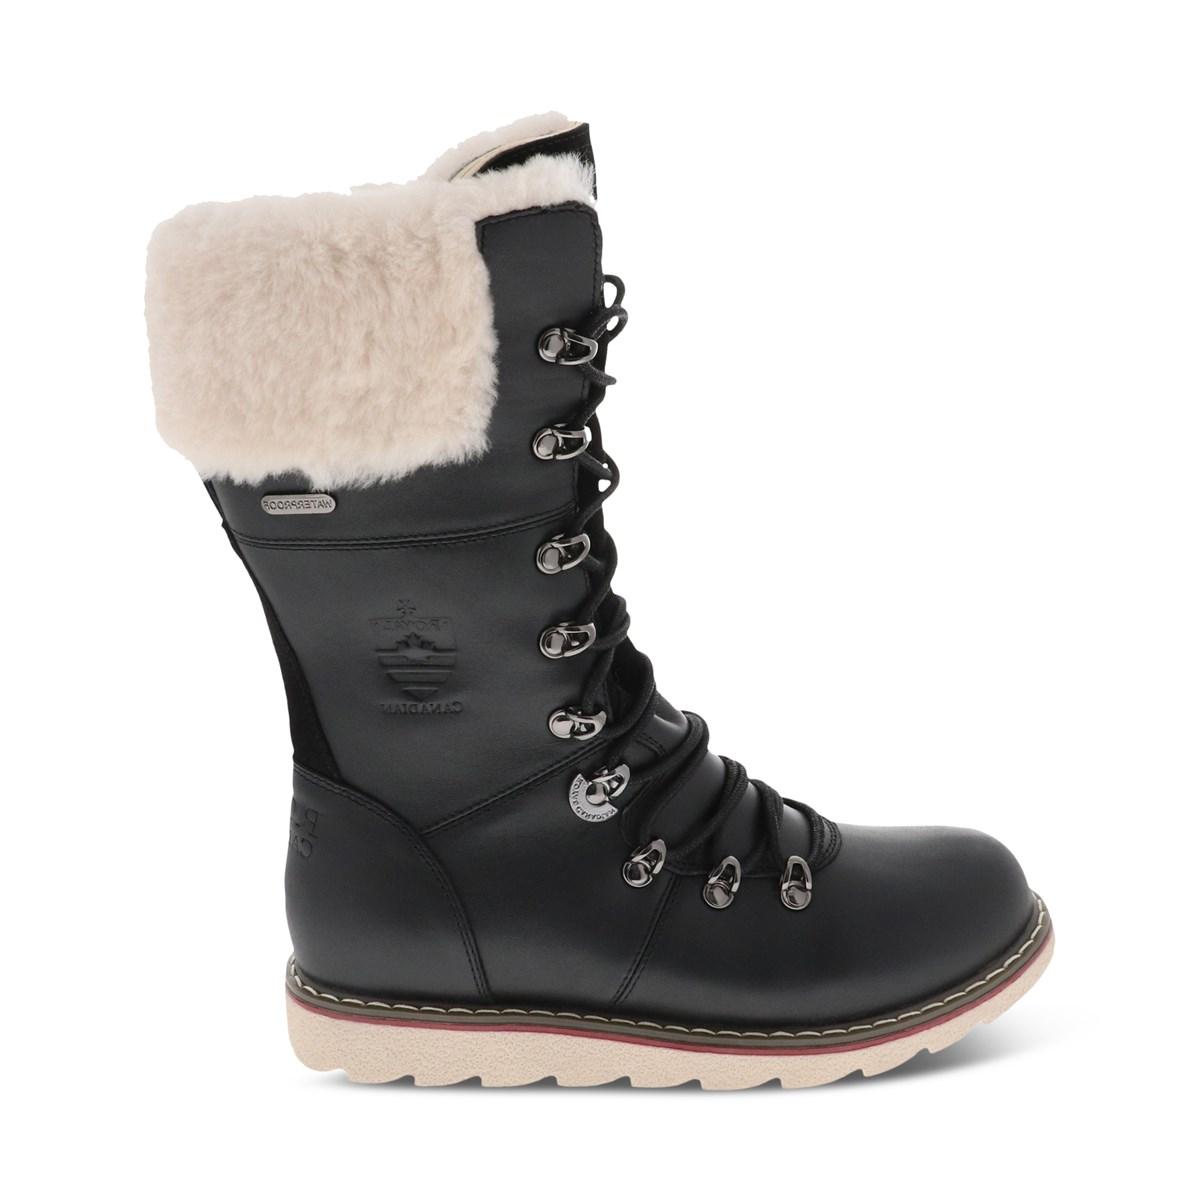 Women's Castlegar Waterproof Boots in Black